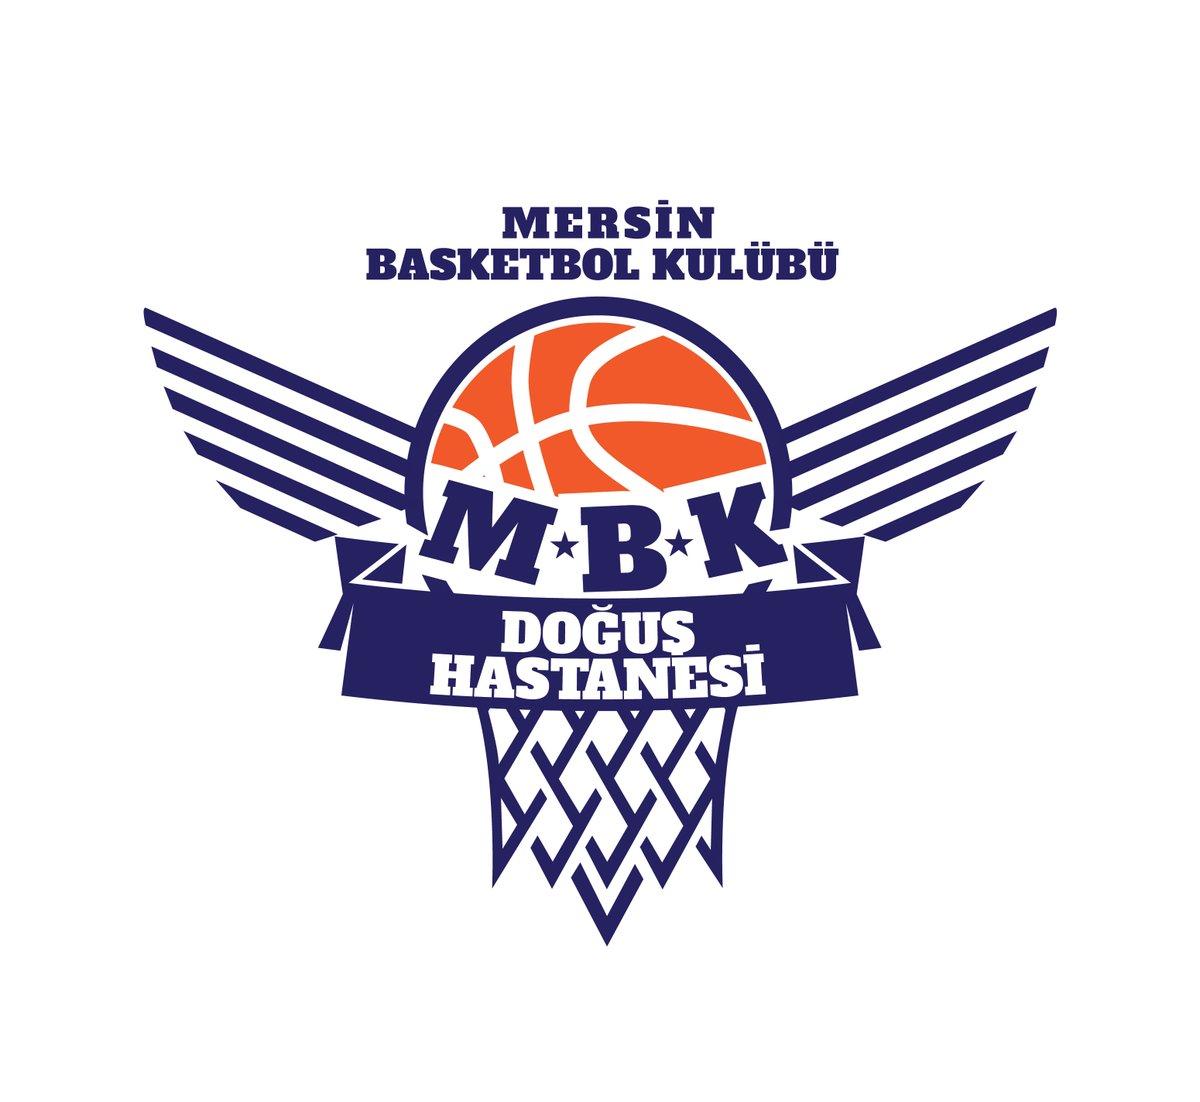 Mersin Basketbol Kulübü – Doğuş Hastanesi isim sponsorluğu